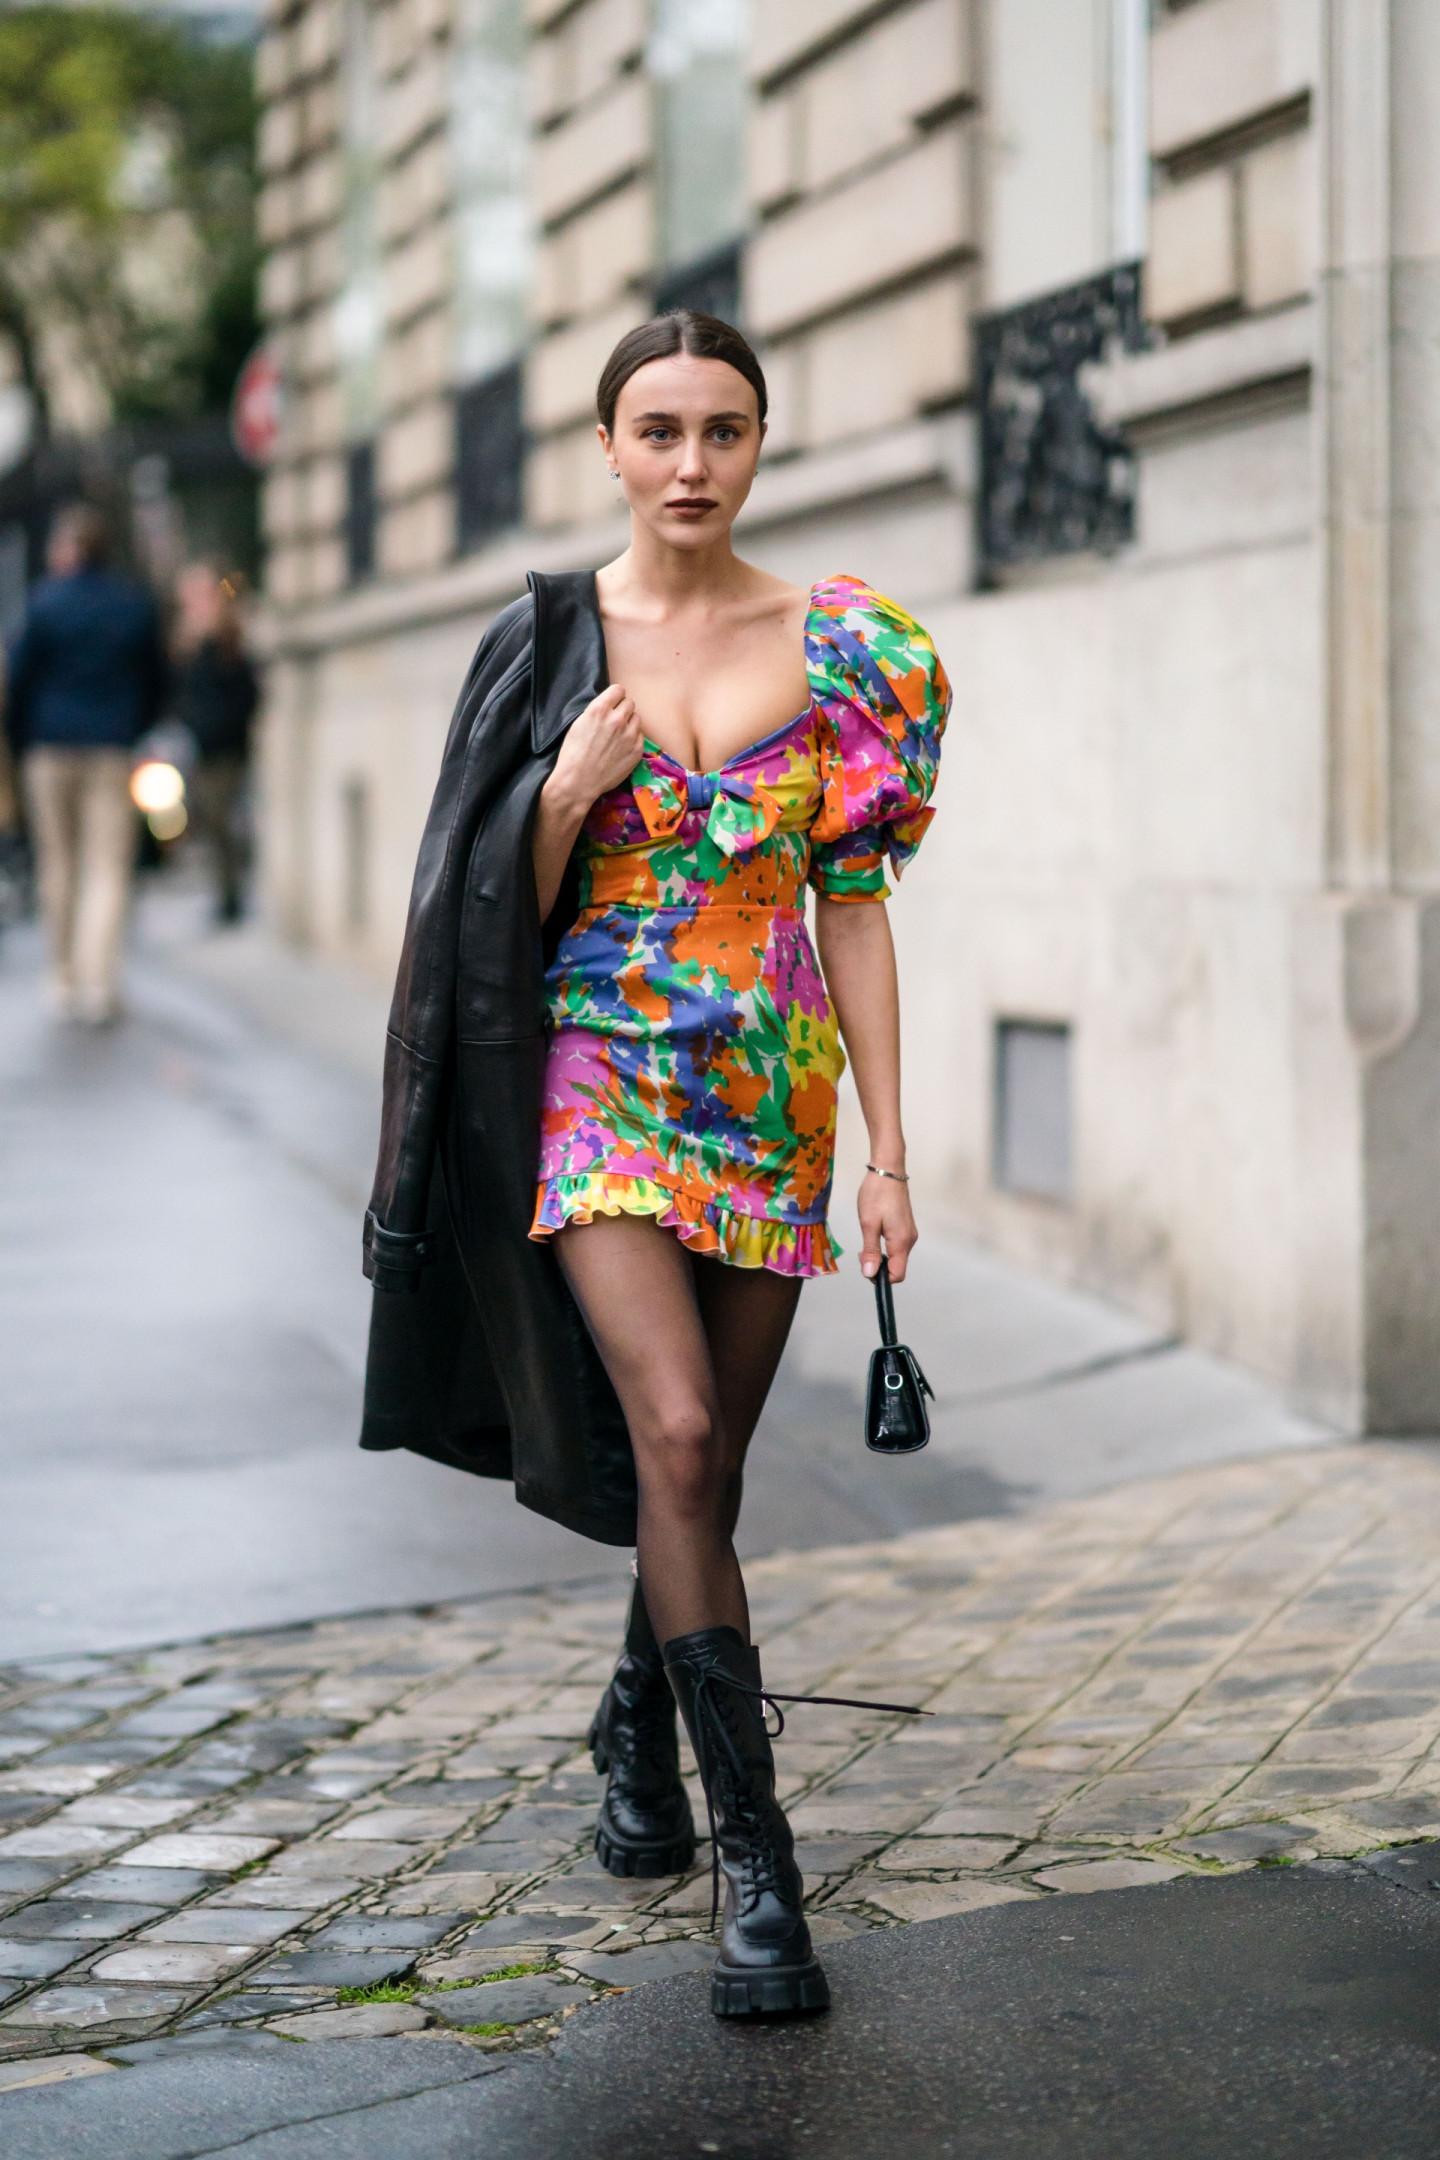 Сочетание платья с массивными ботинками